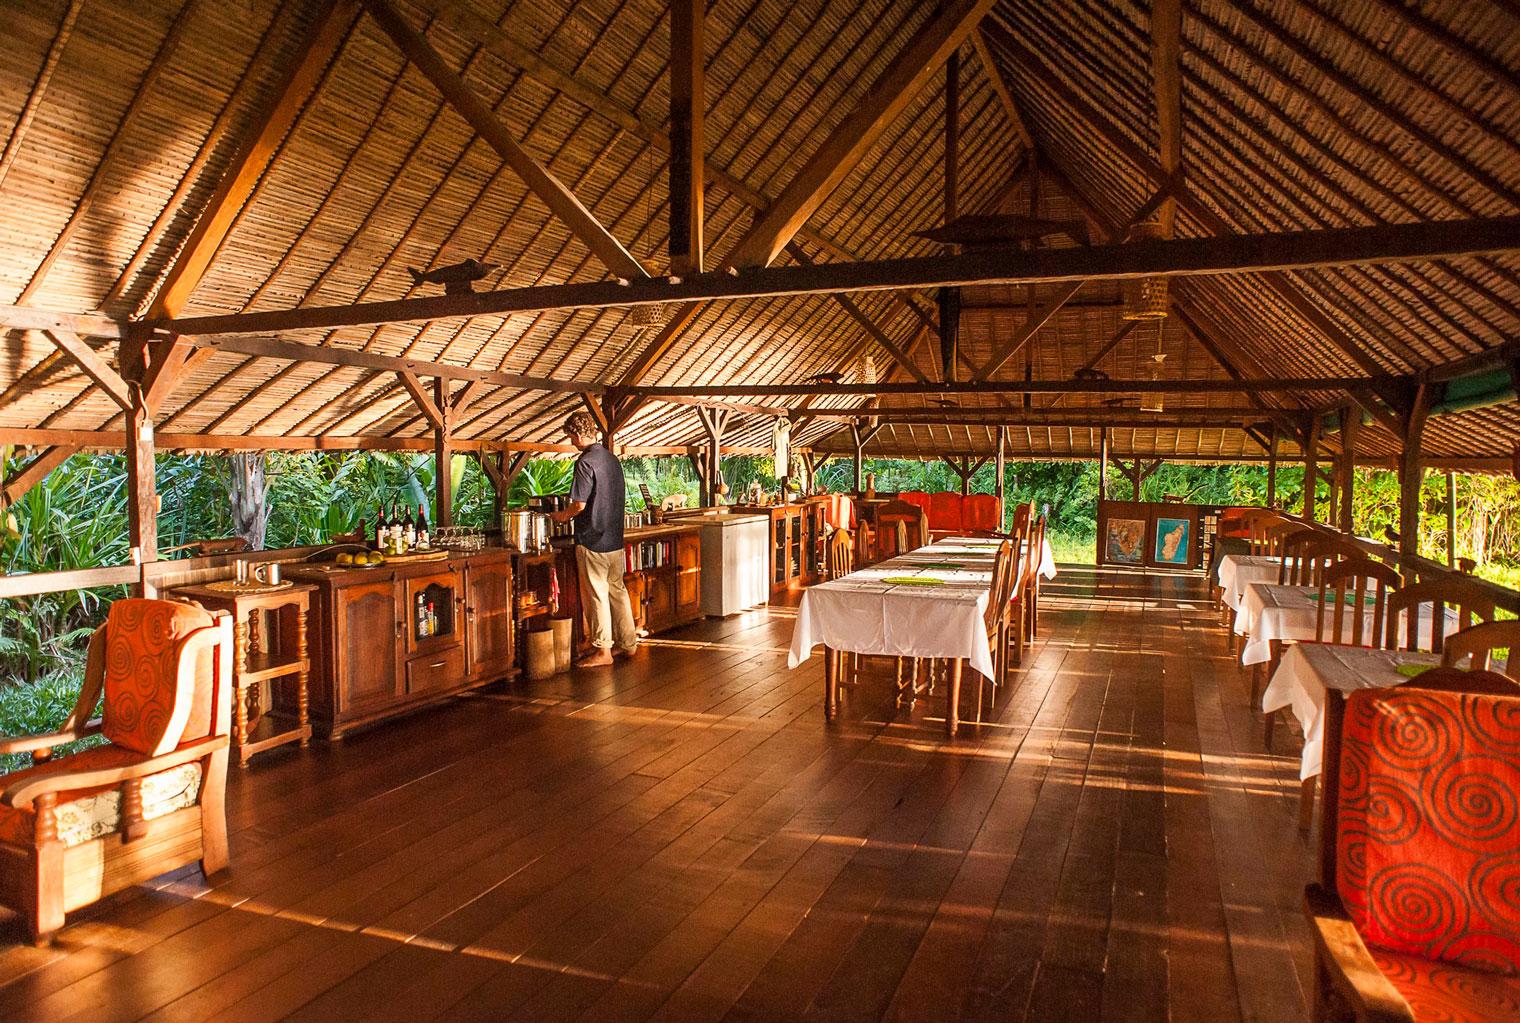 Masoala-Forest-Lodge-East-Madagascar-Interior